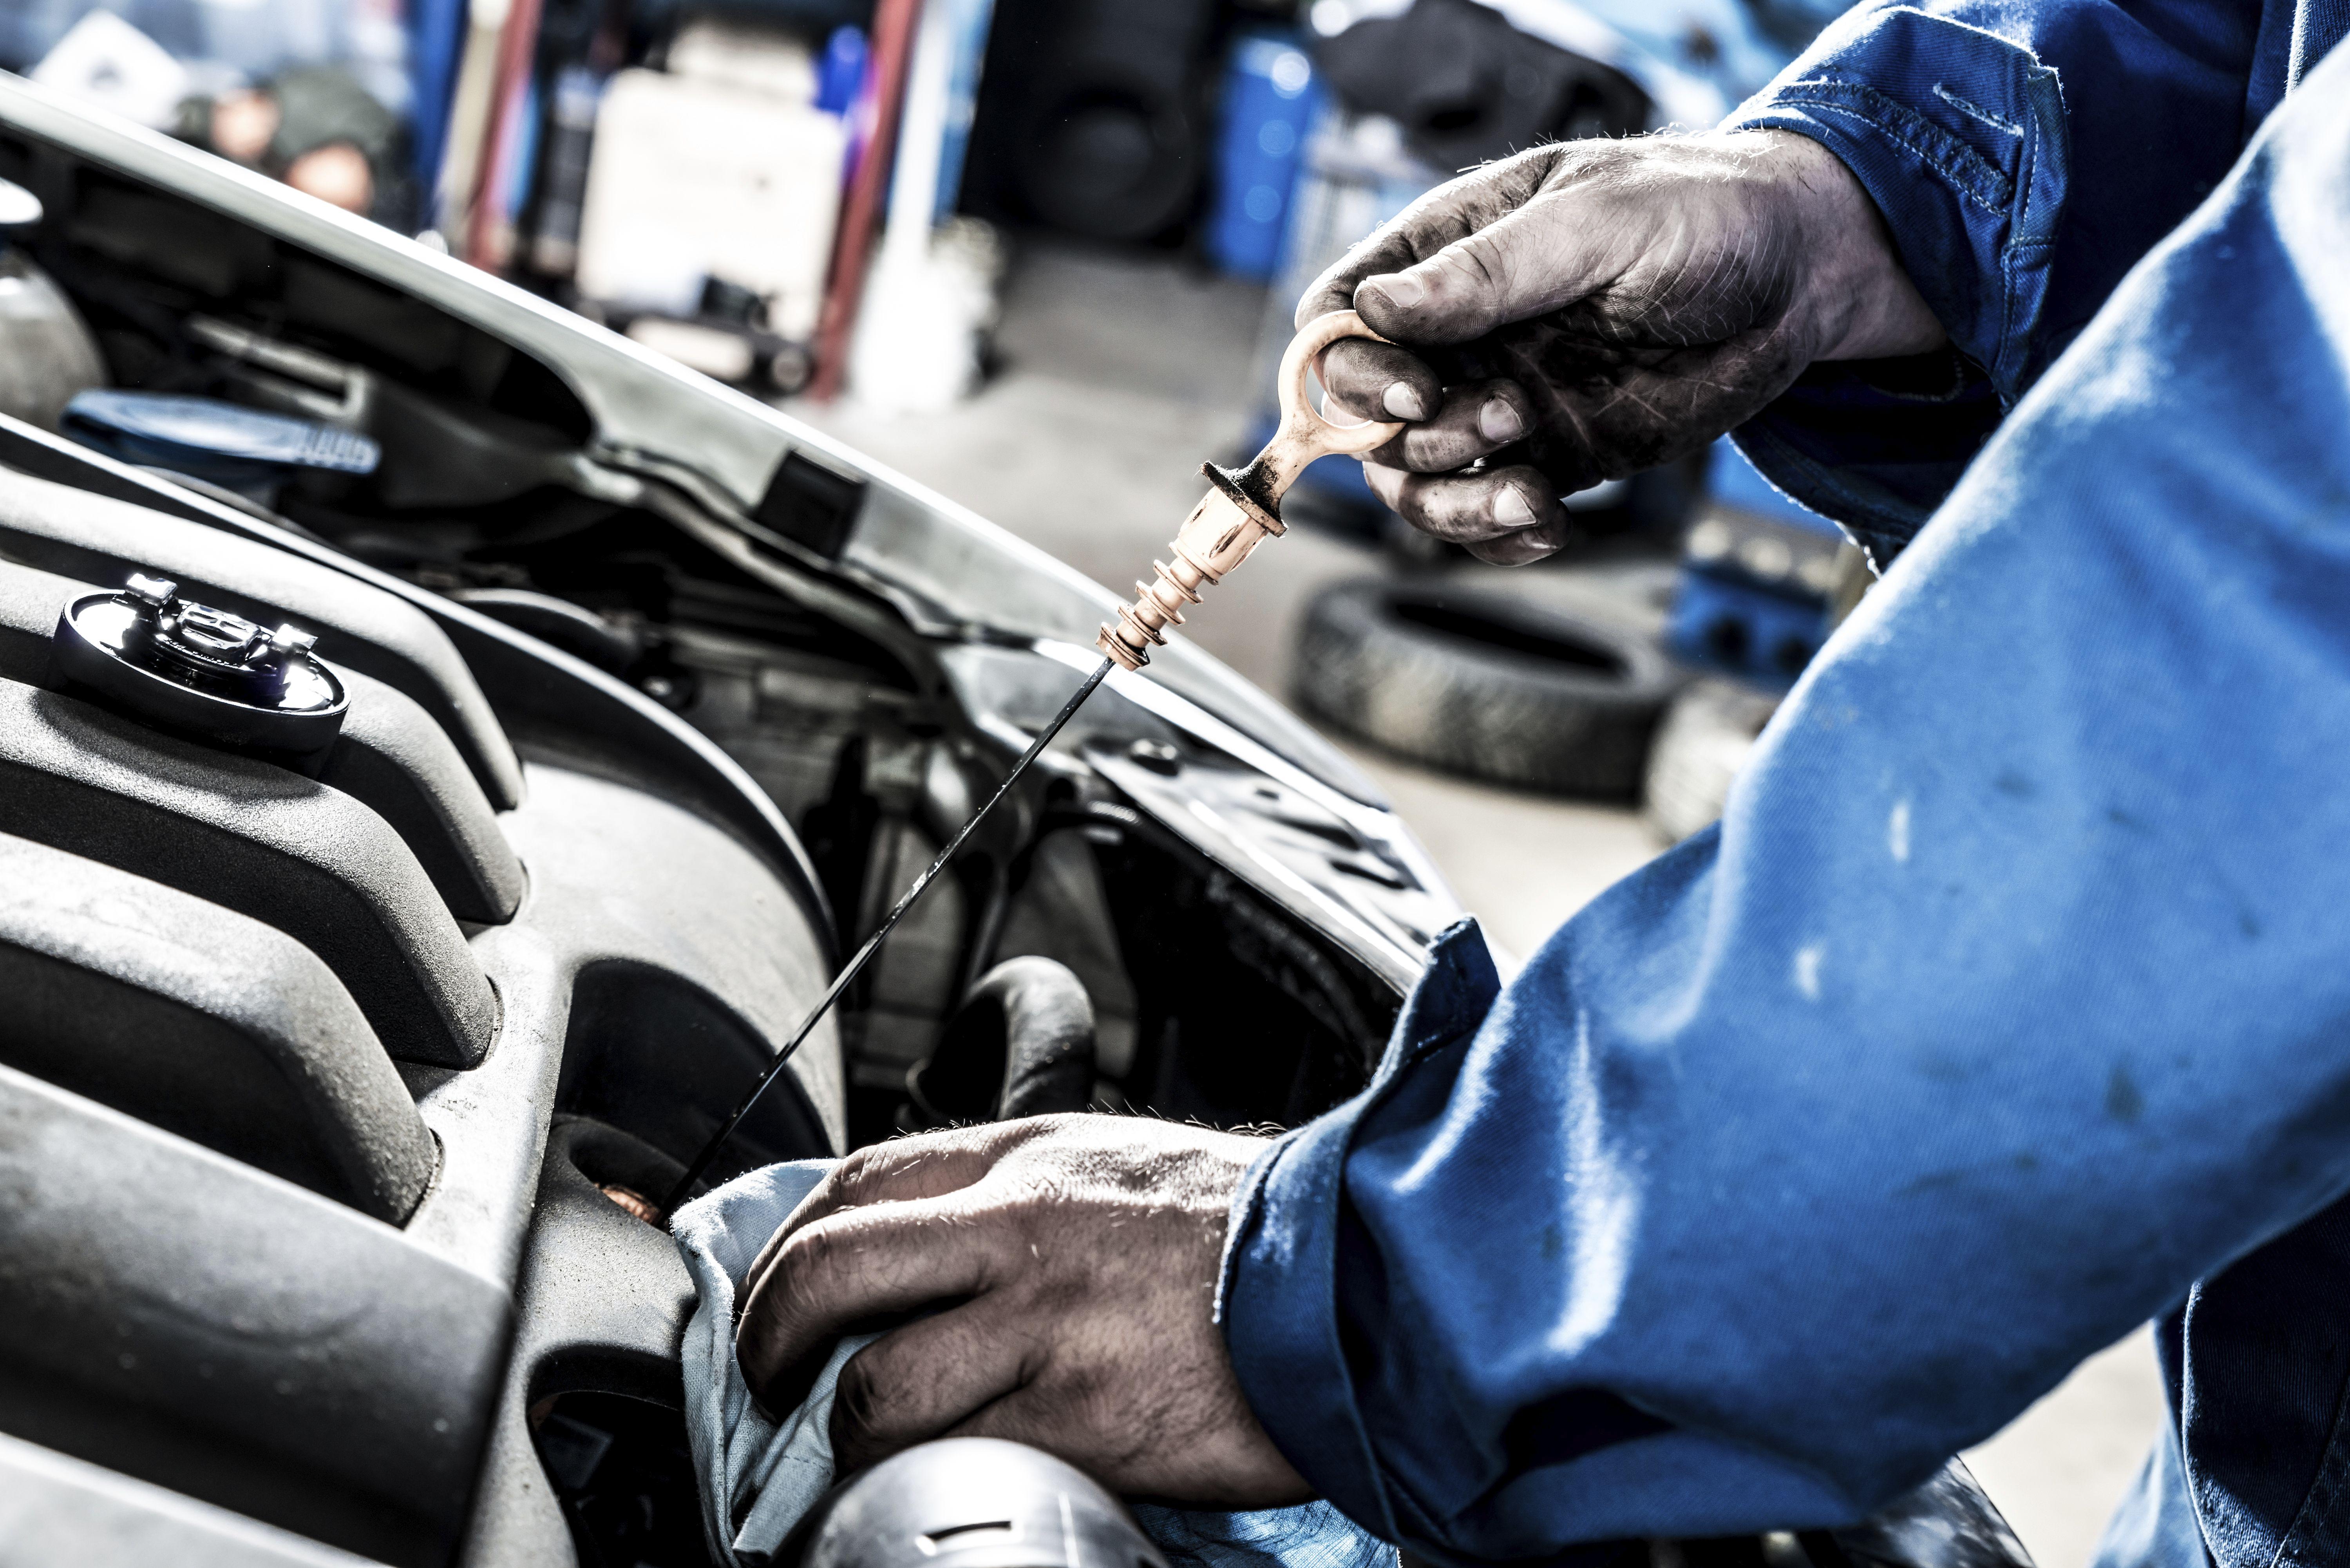 Reparación y mantenimiento de vehículos en San Salvador